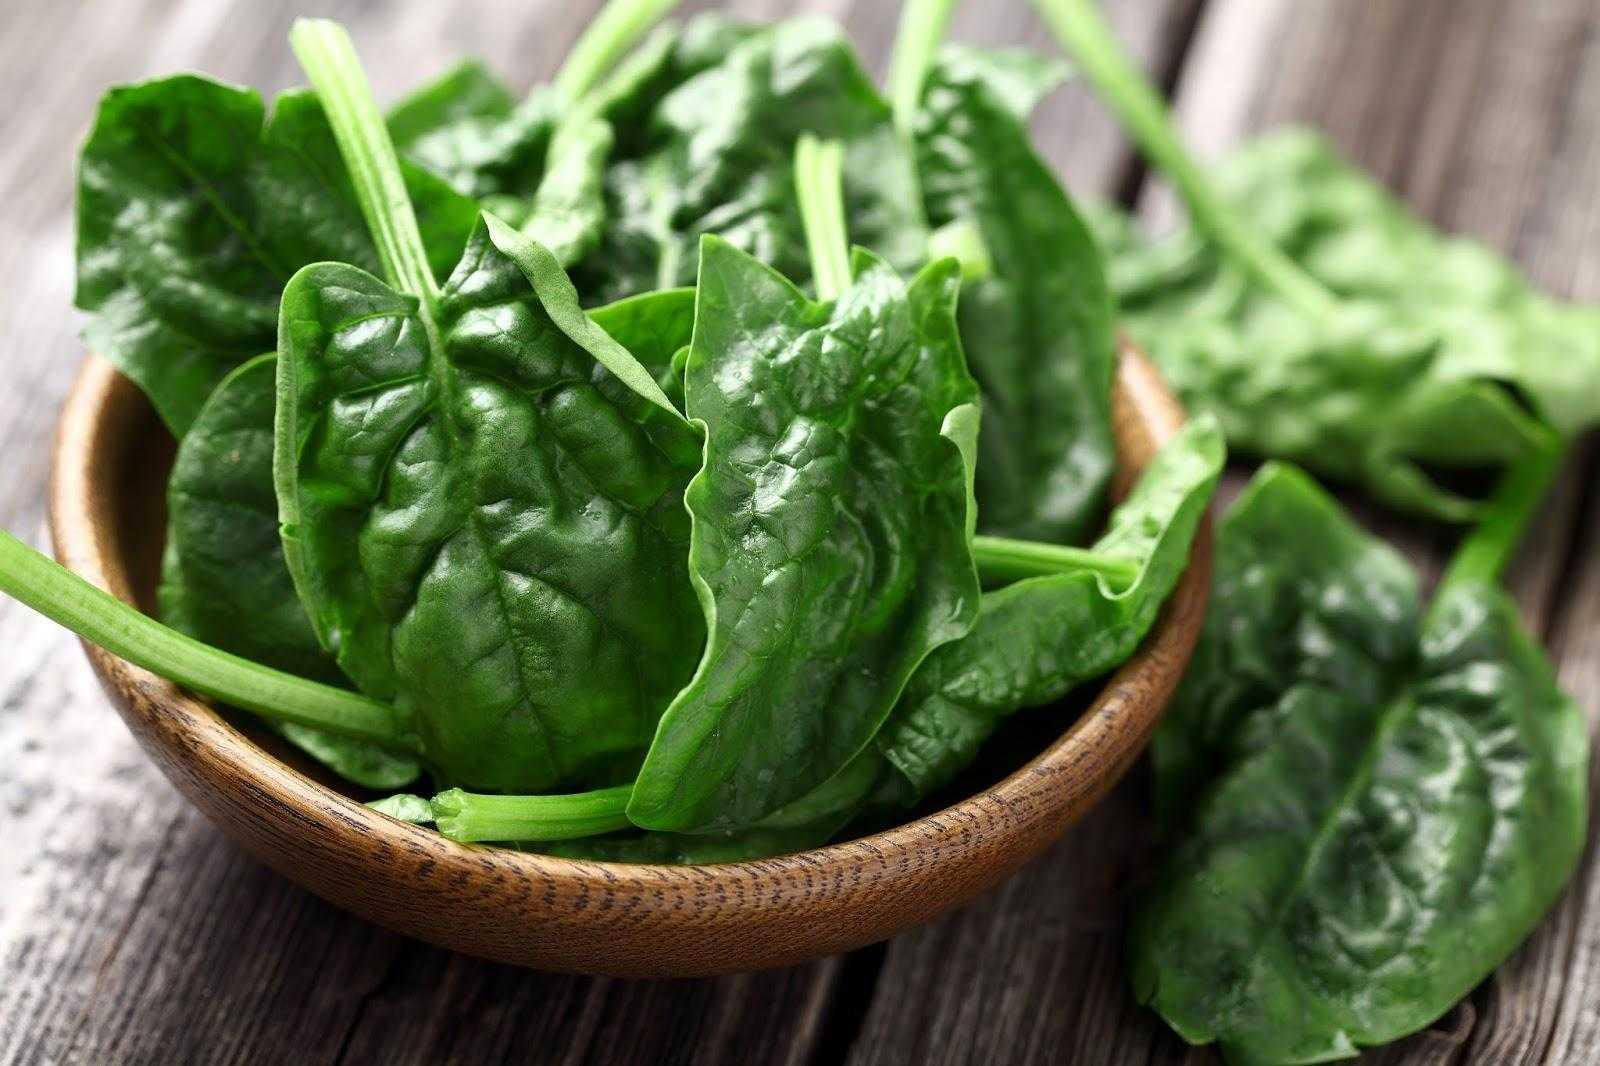 Шпинат: польза и вред, как употреблять в пищу, рецепты с фото